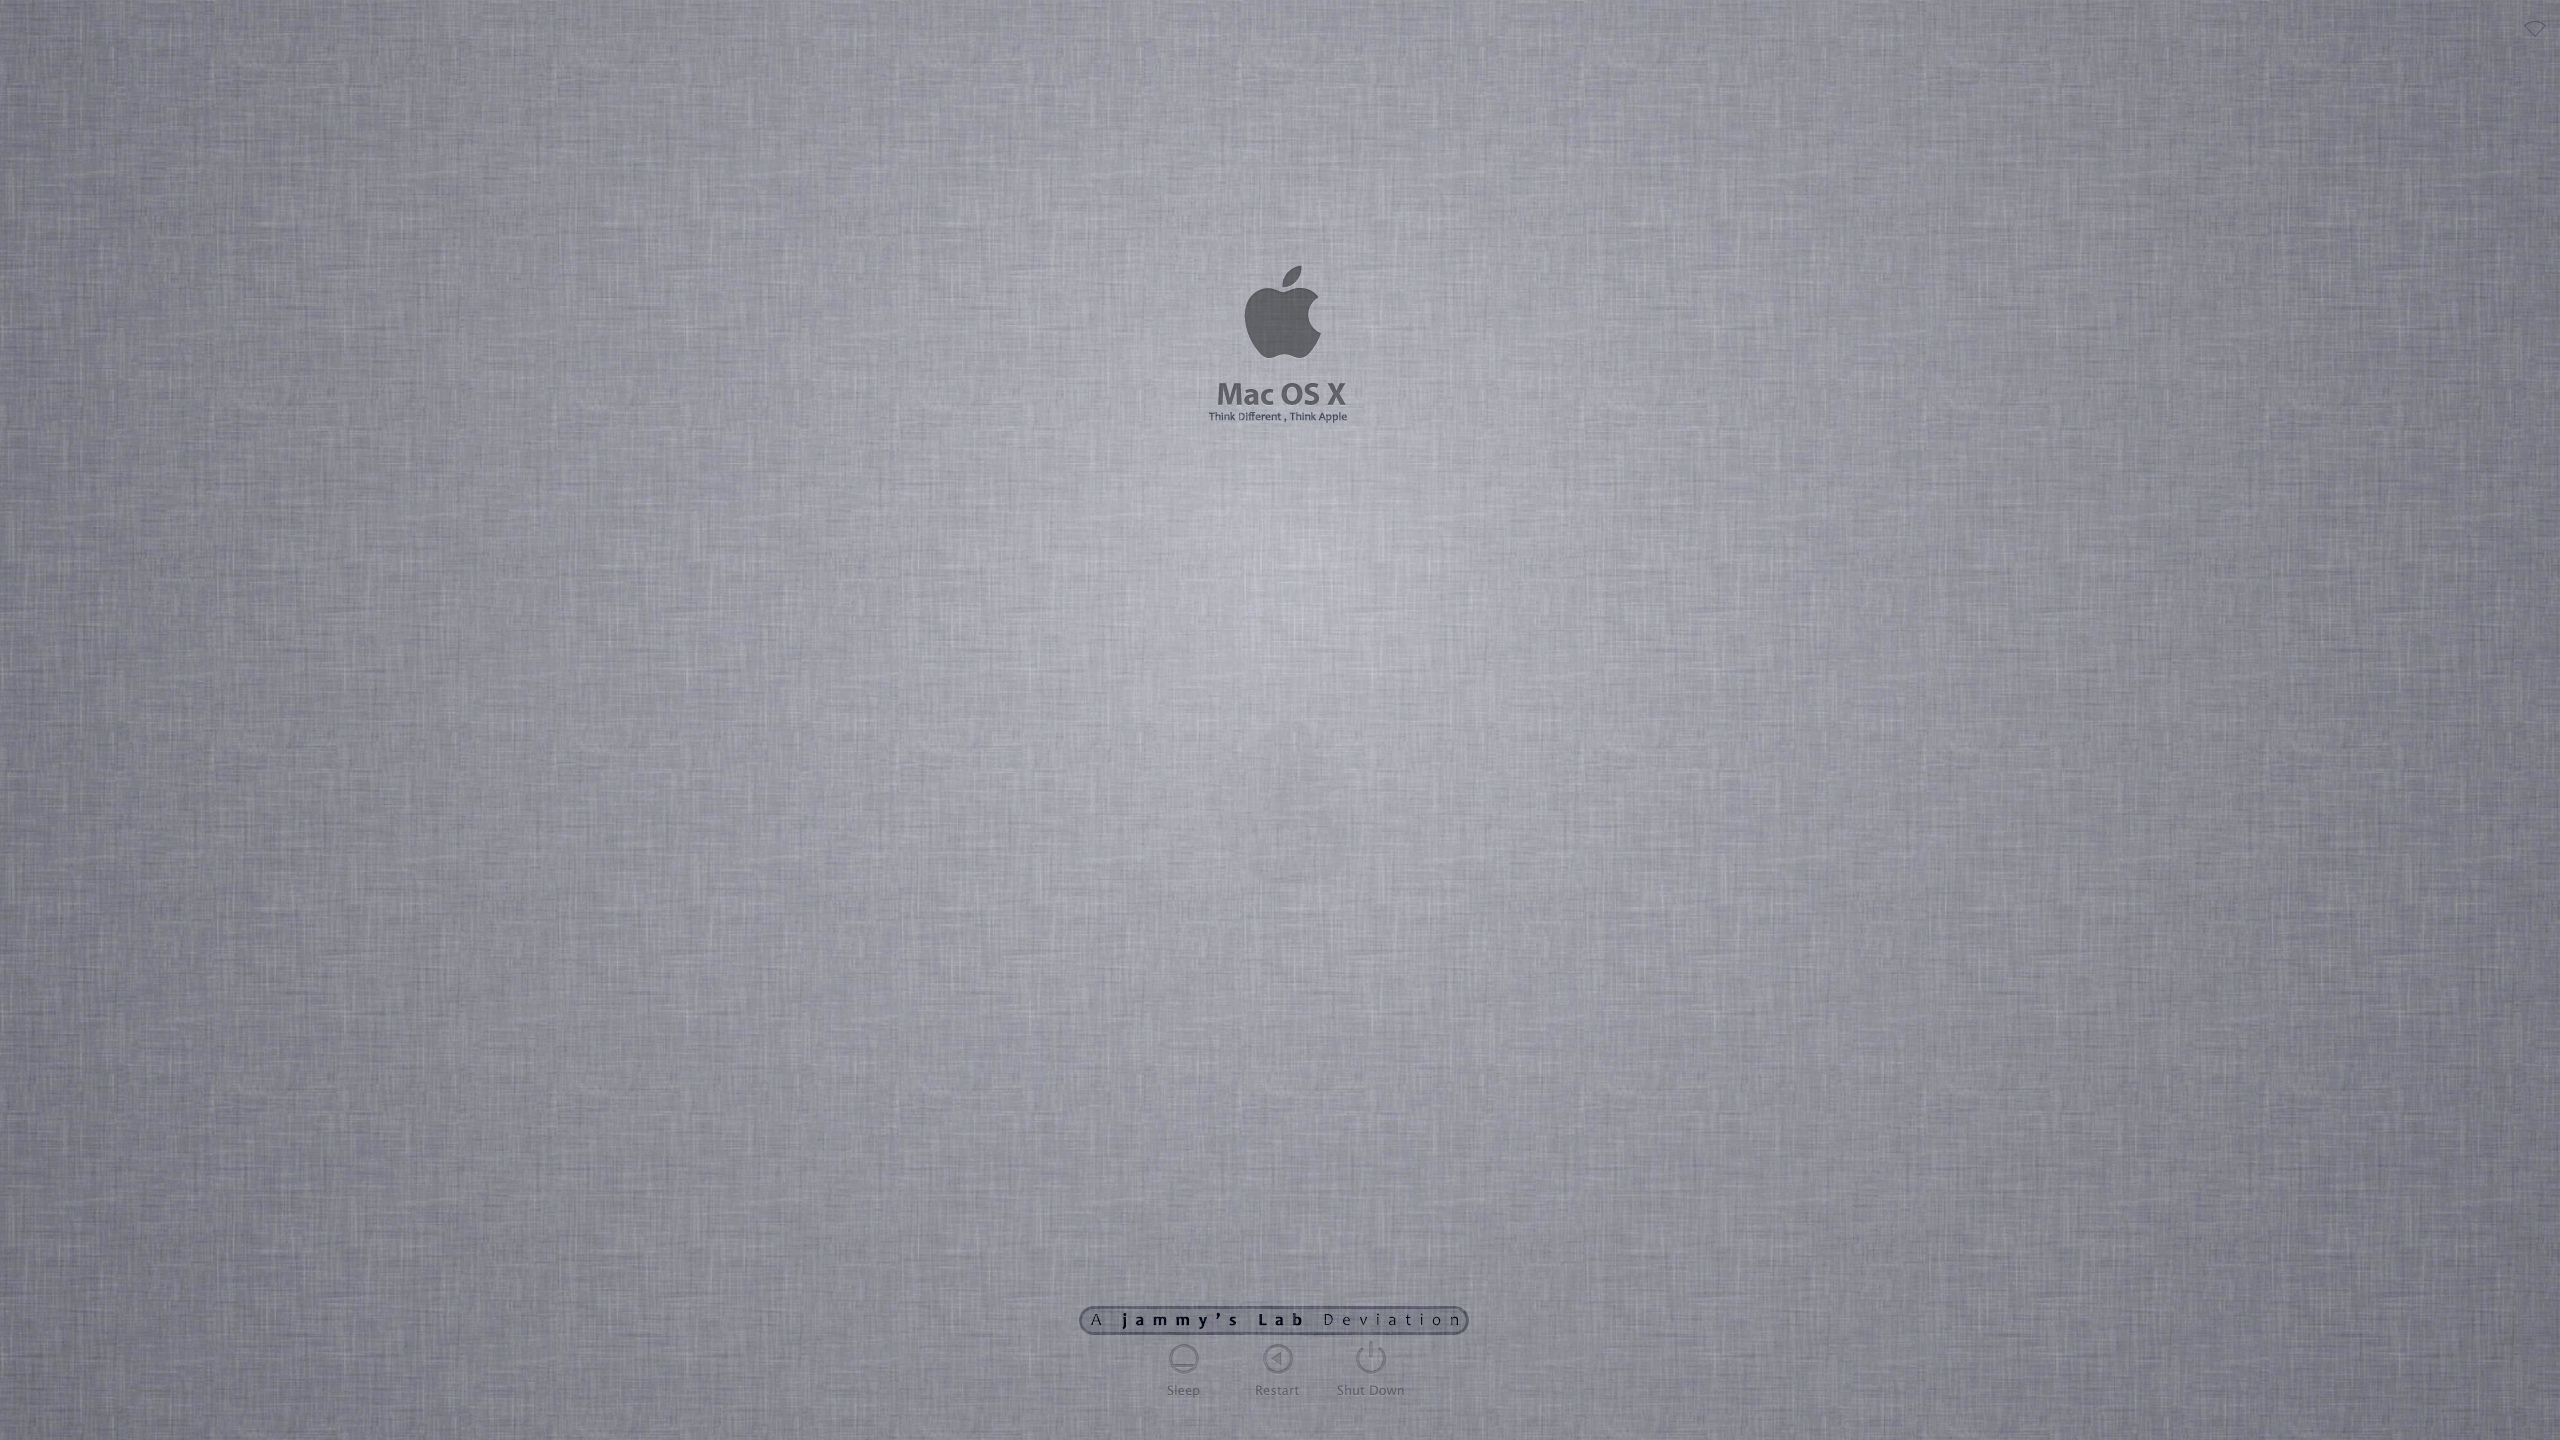 change logon background mac os x lion